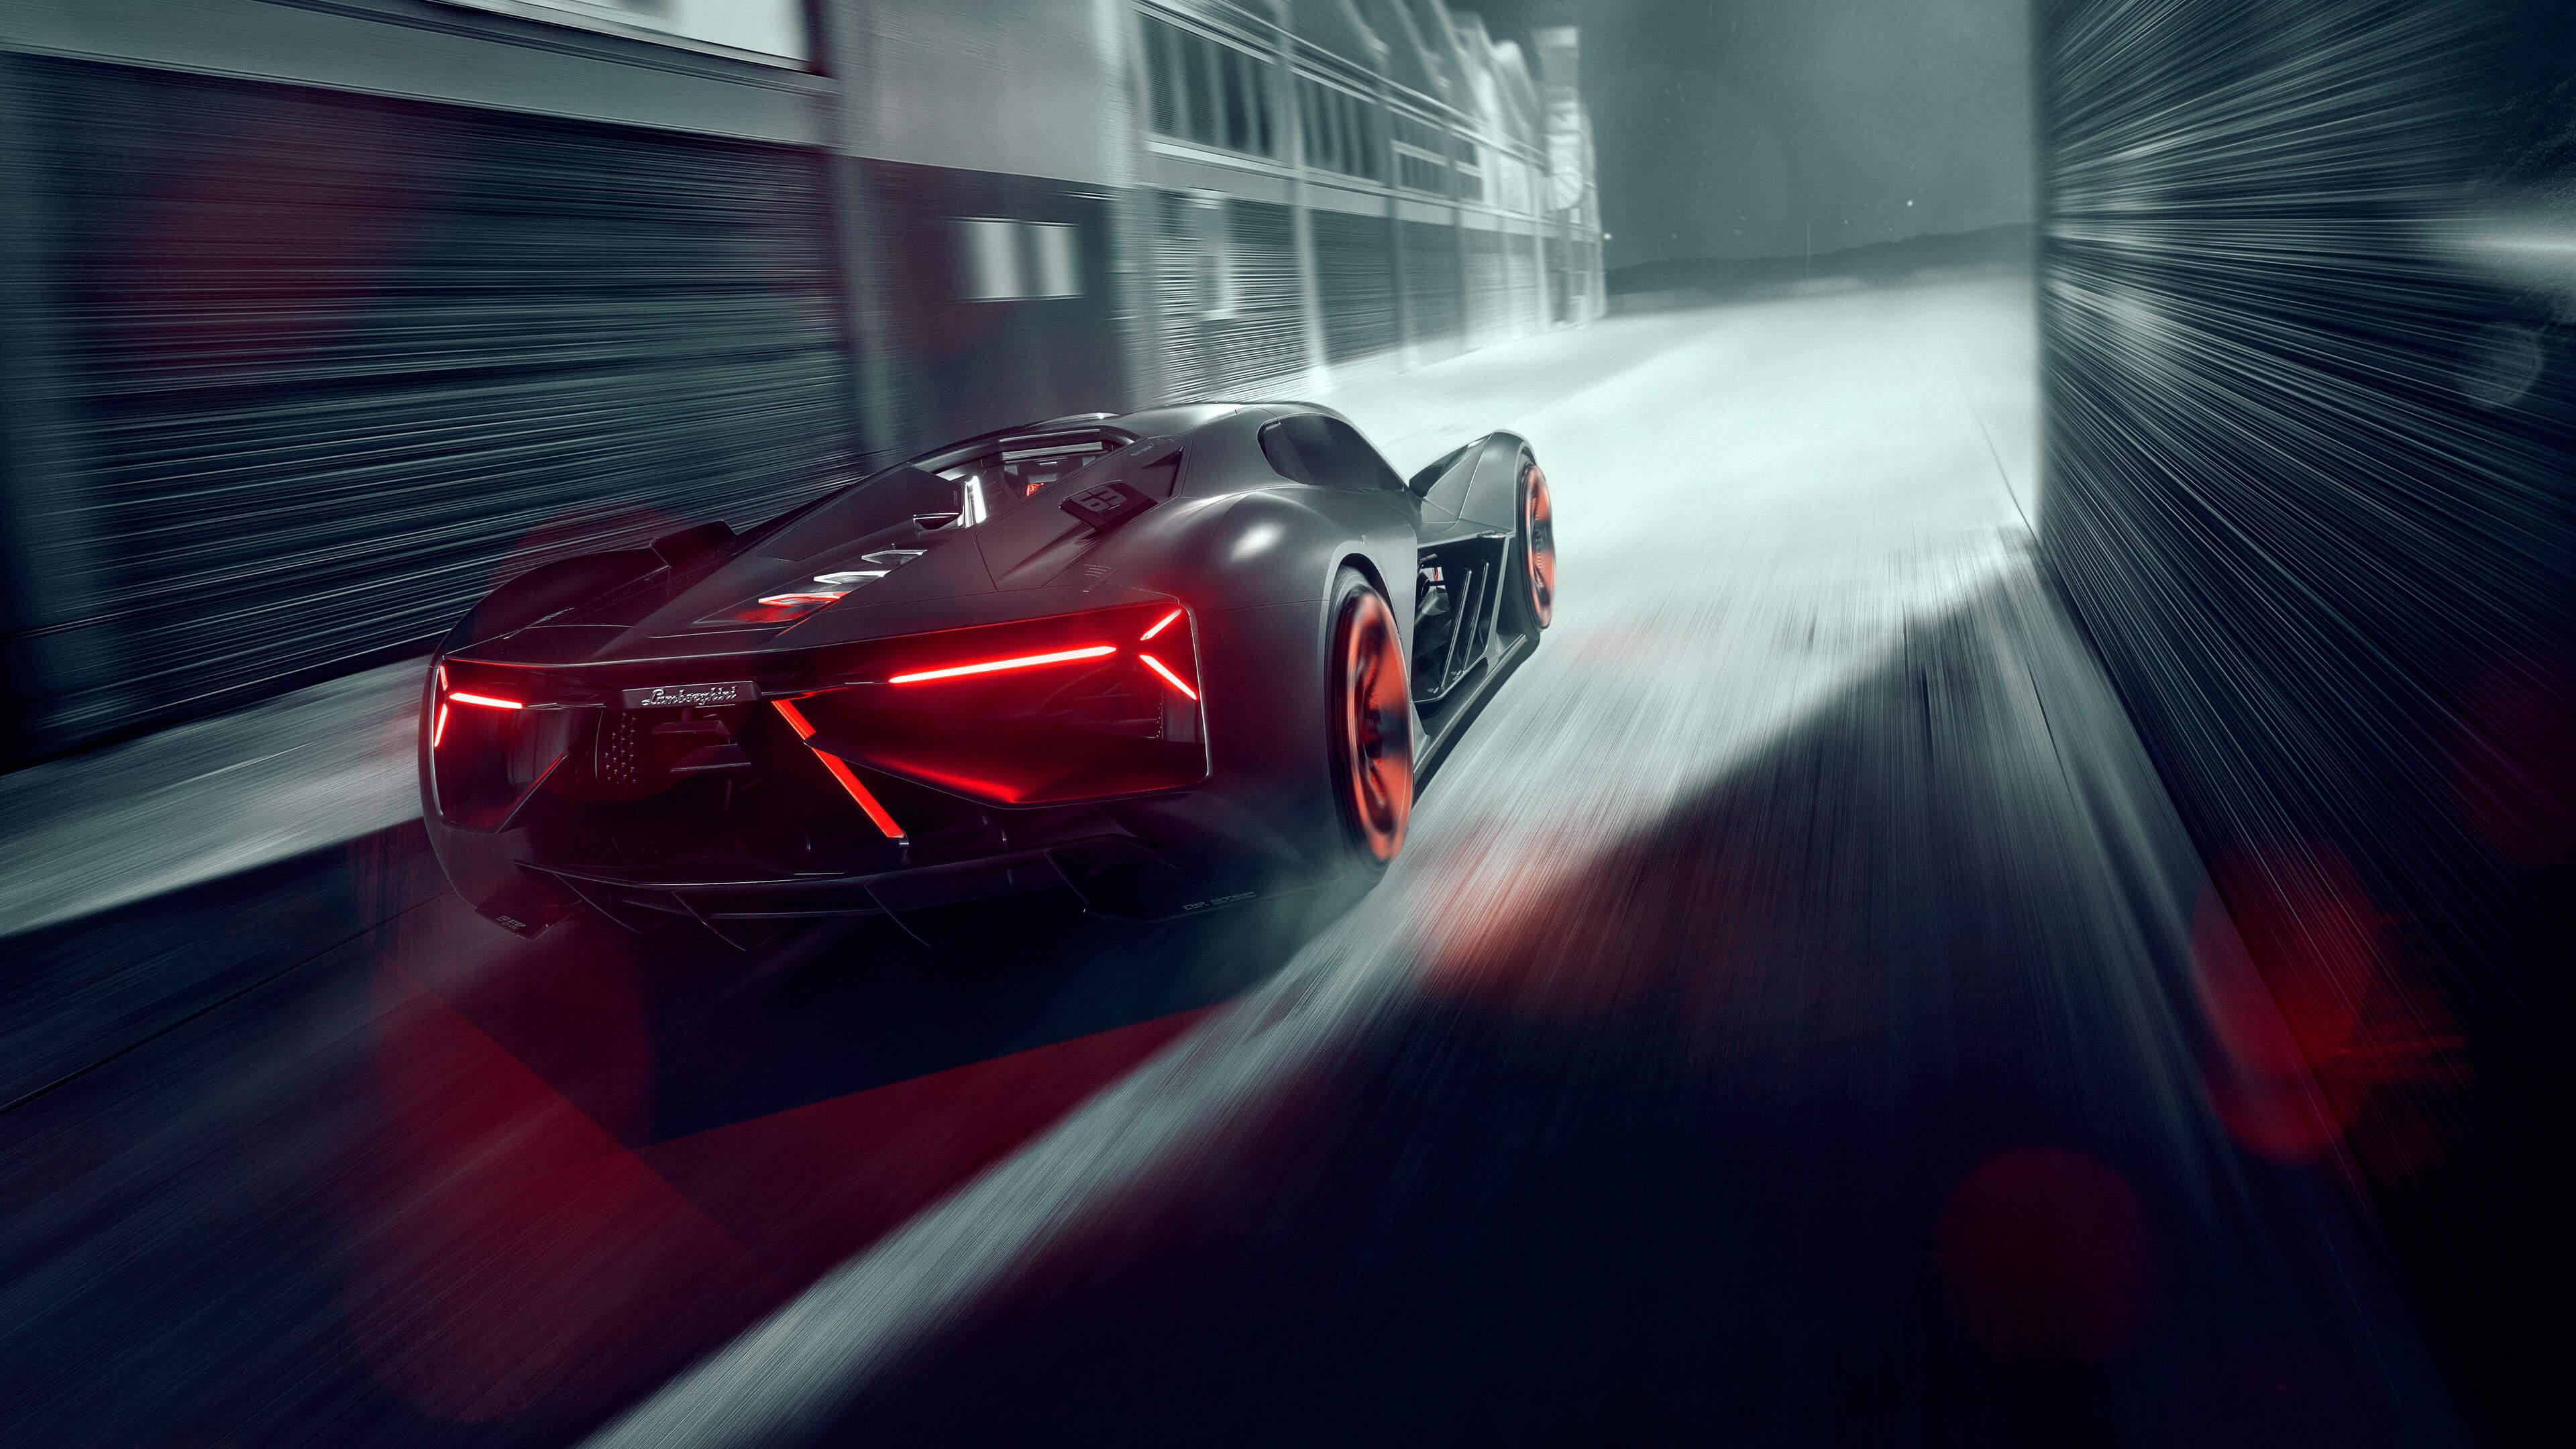 Lamborghini Terzo Millennio Widescreen Background Wallpaper 66213